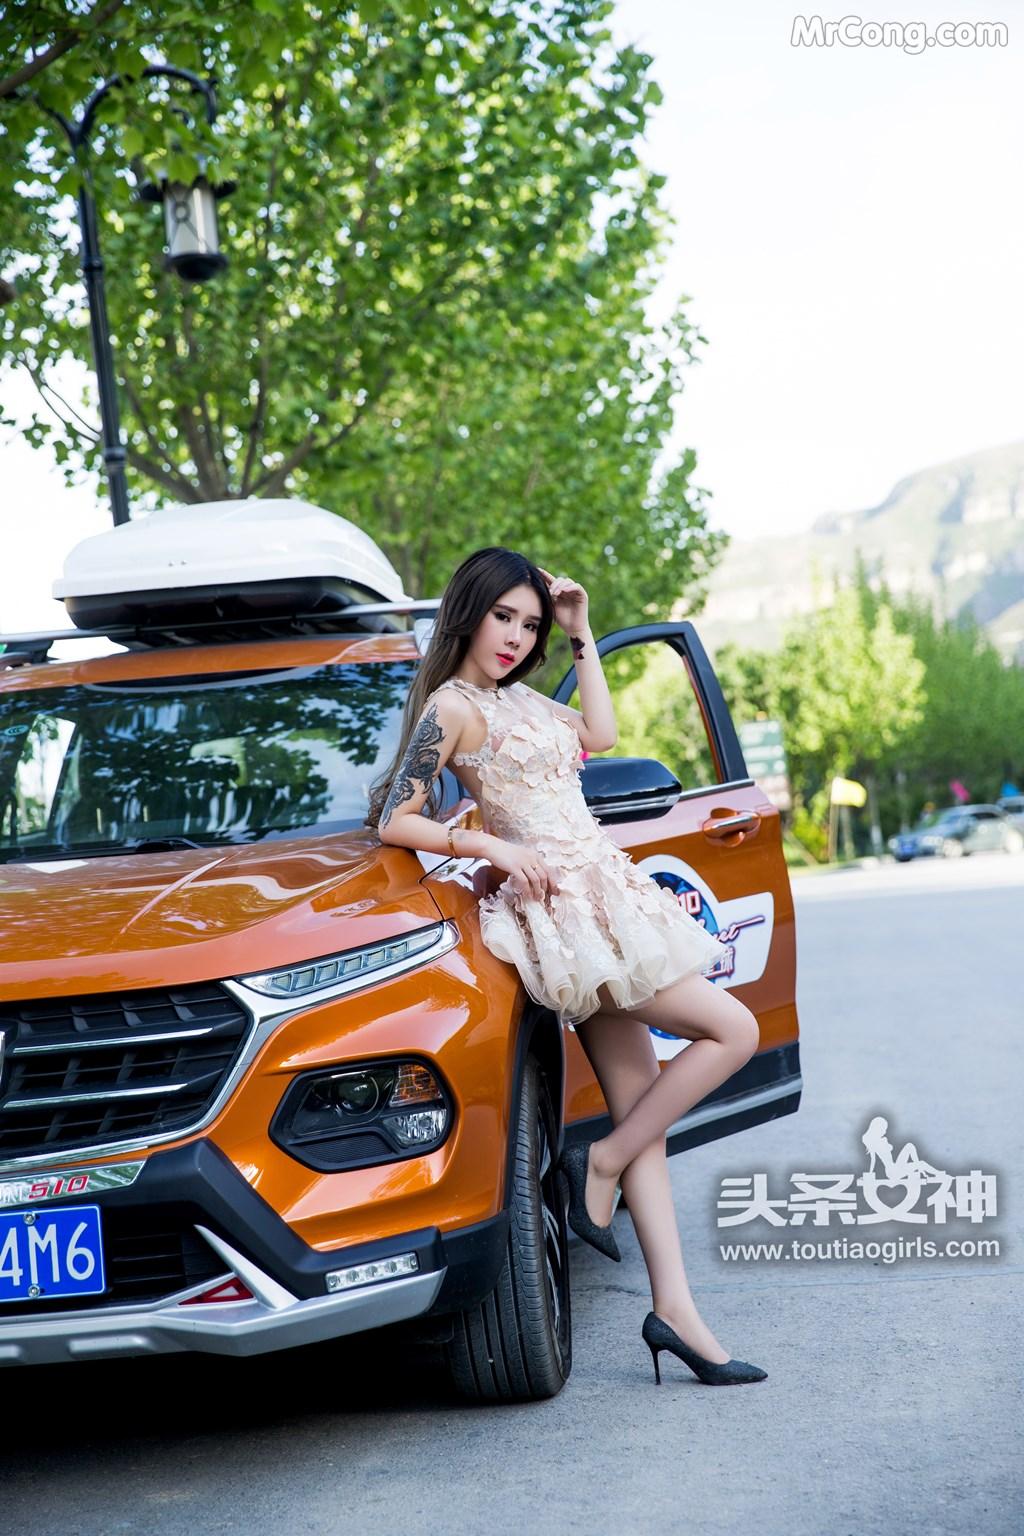 TouTiao 2017-07-11: Người mẫu Lisa (爱丽莎) (15 ảnh)